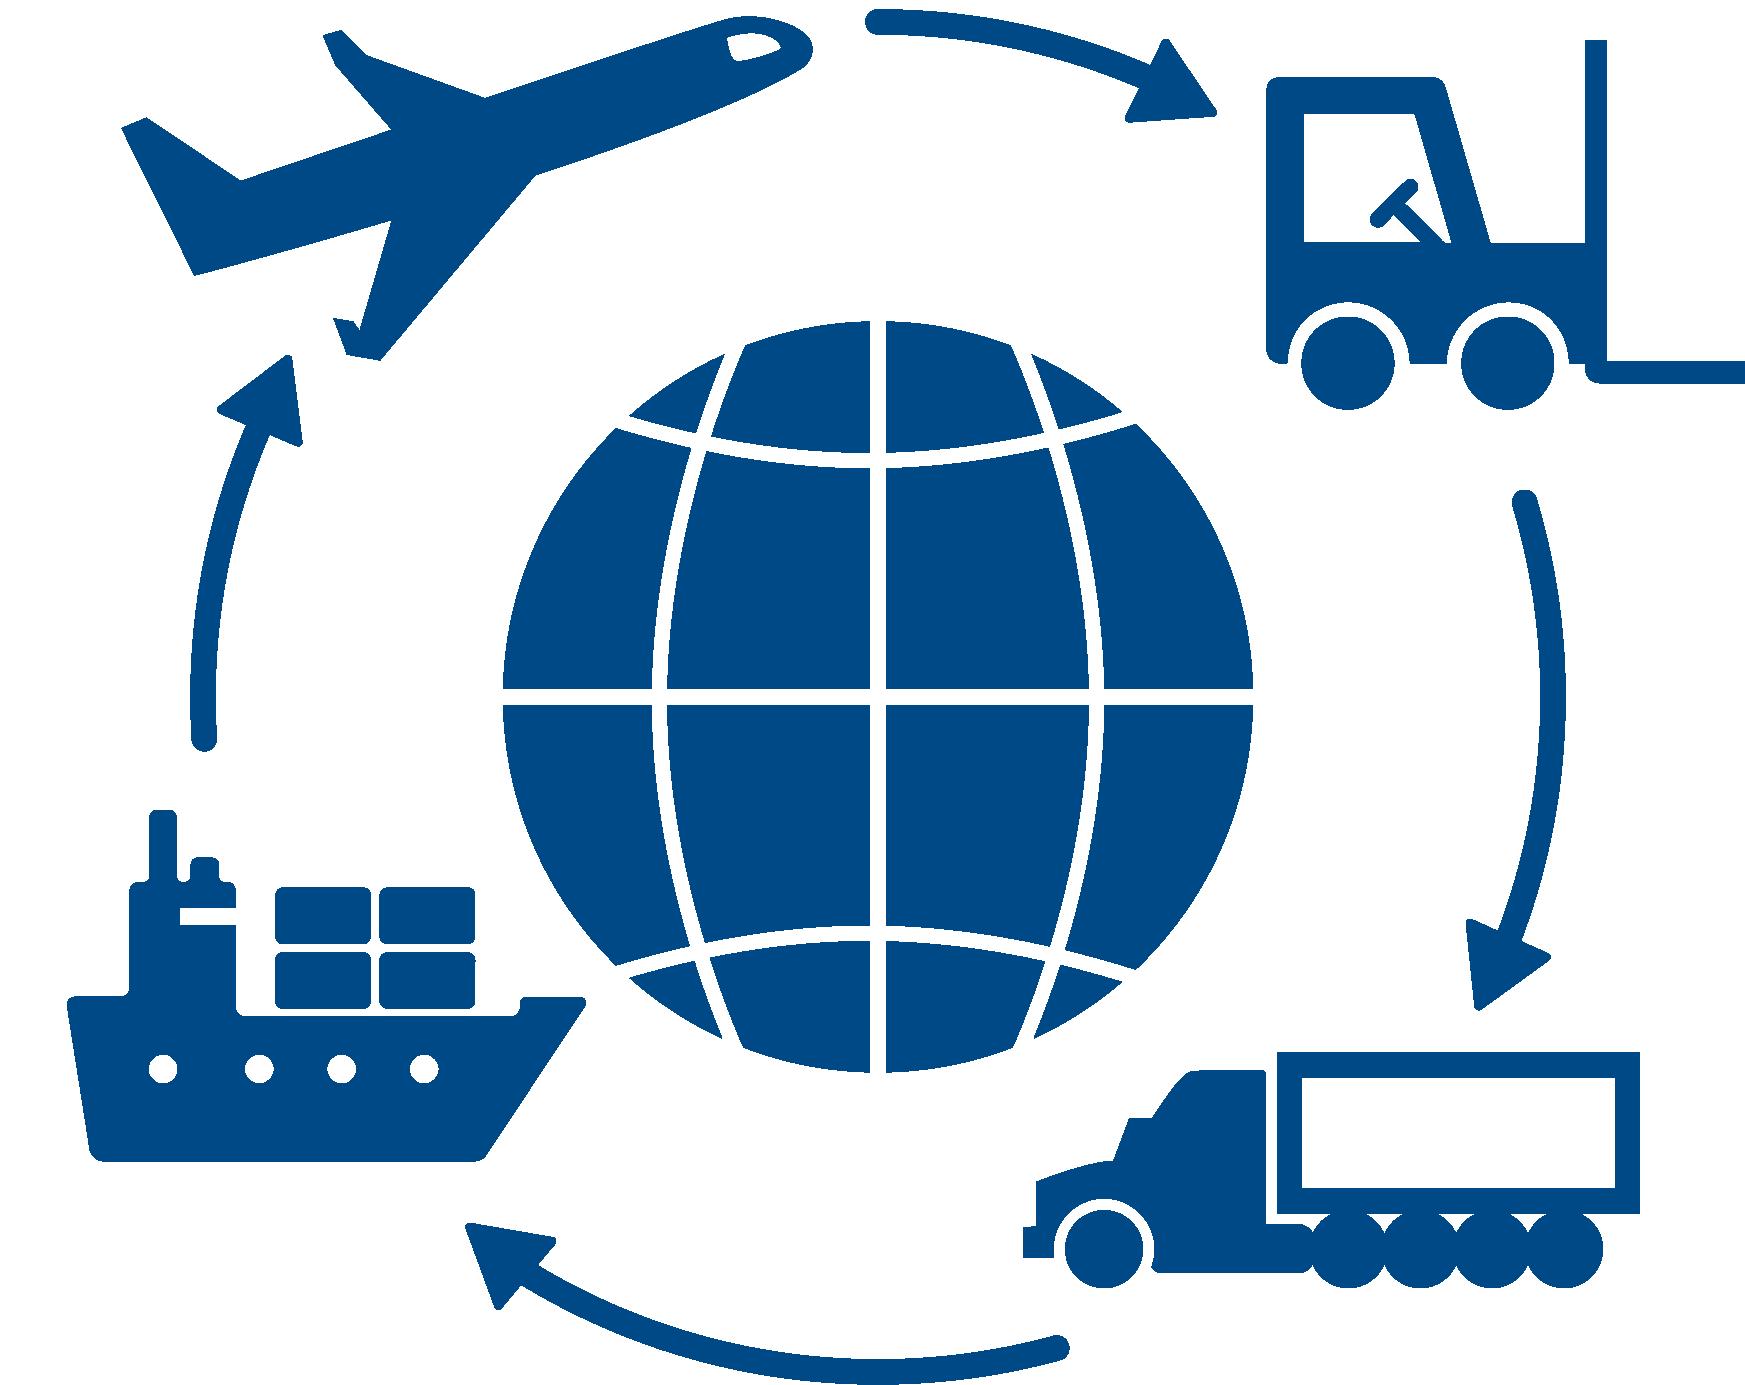 6. logistics